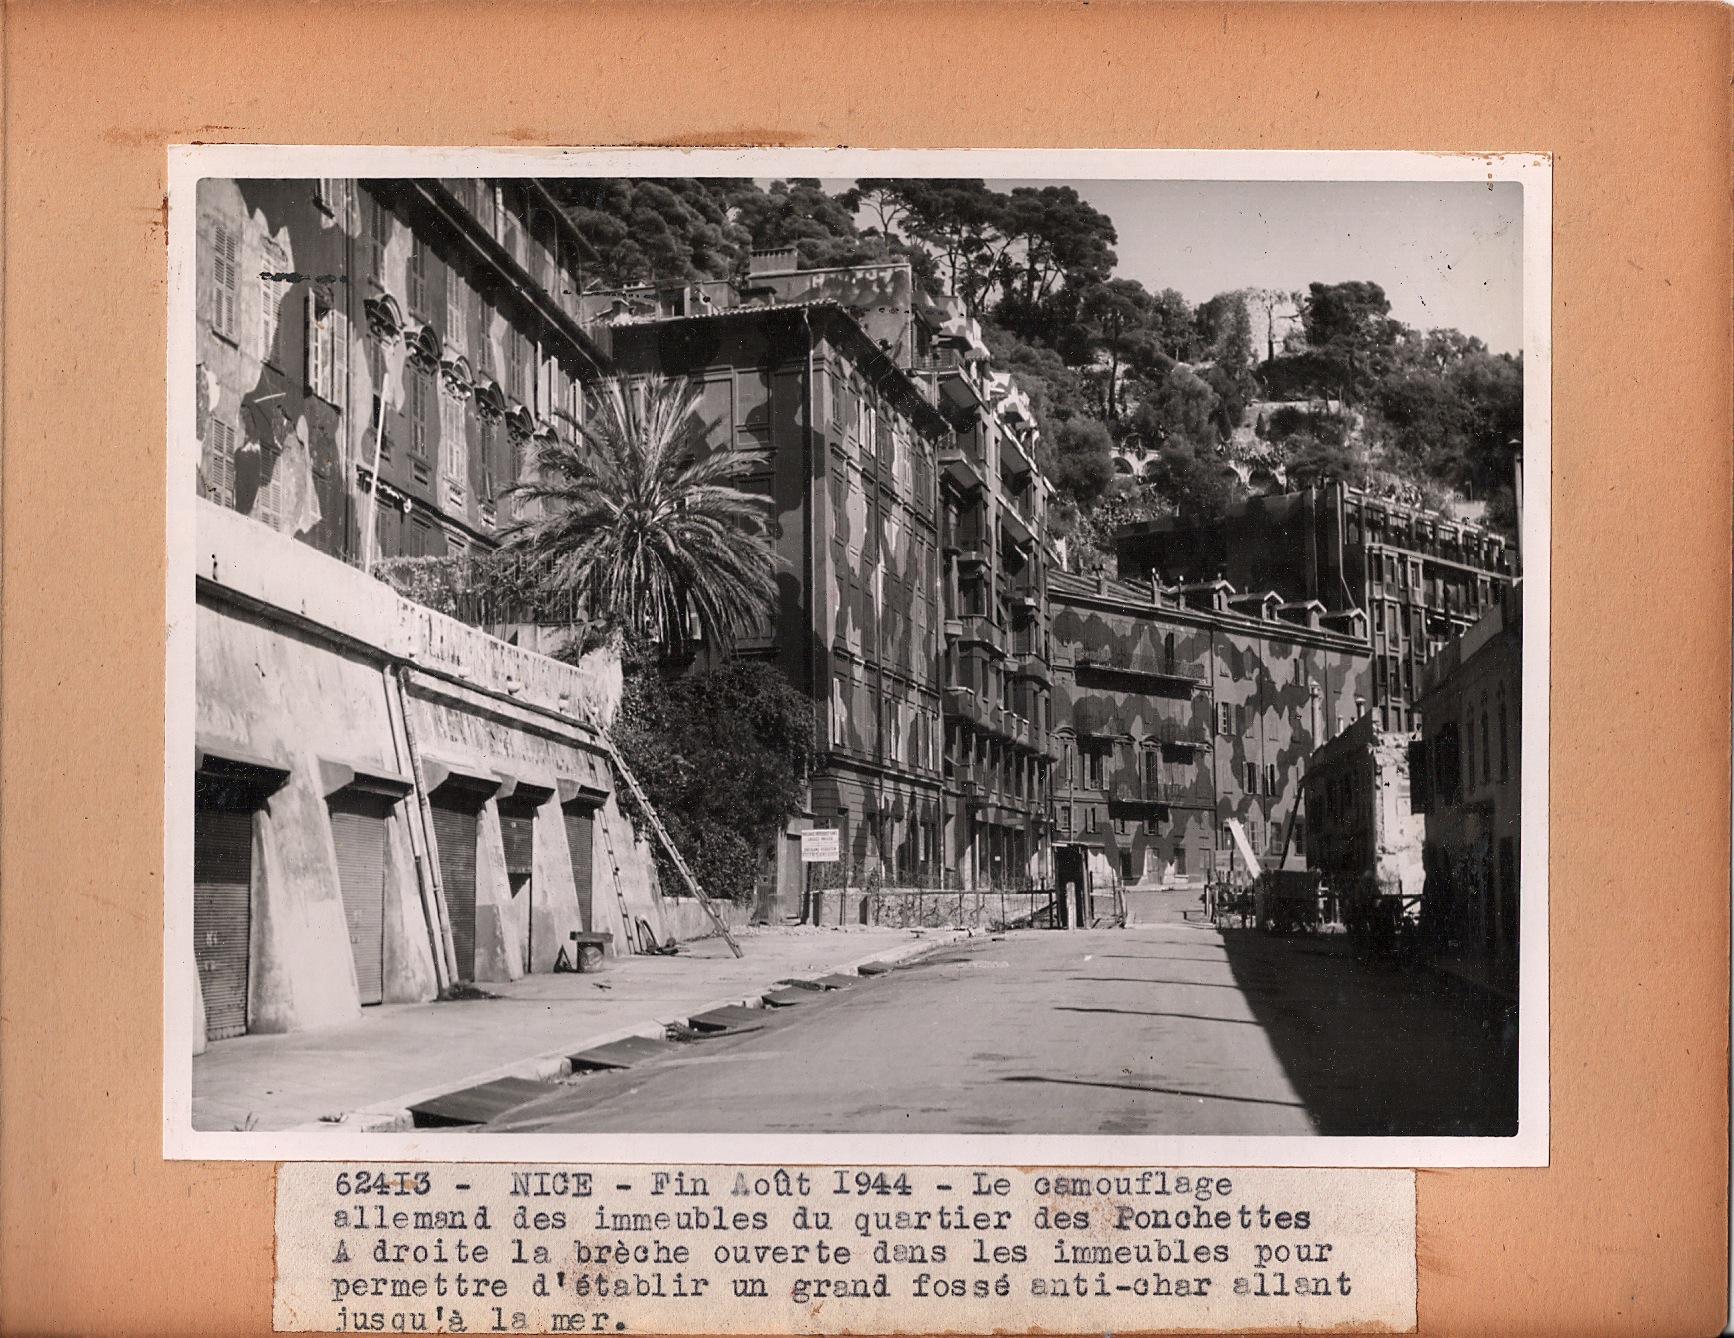 NICE 1944 87